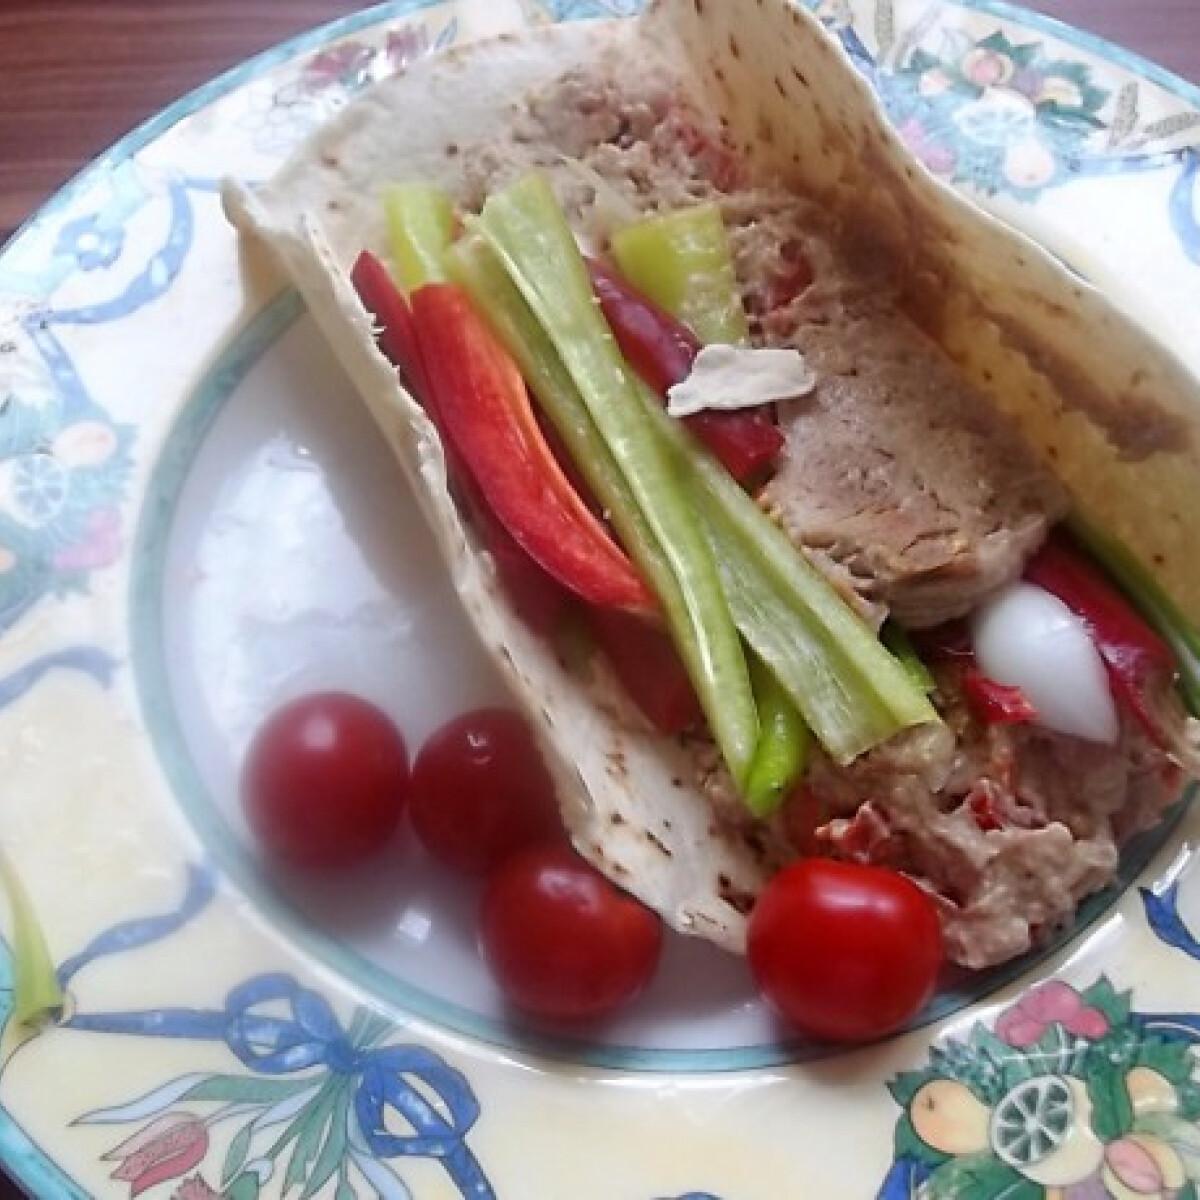 Hummus zöldségekkel tortillában